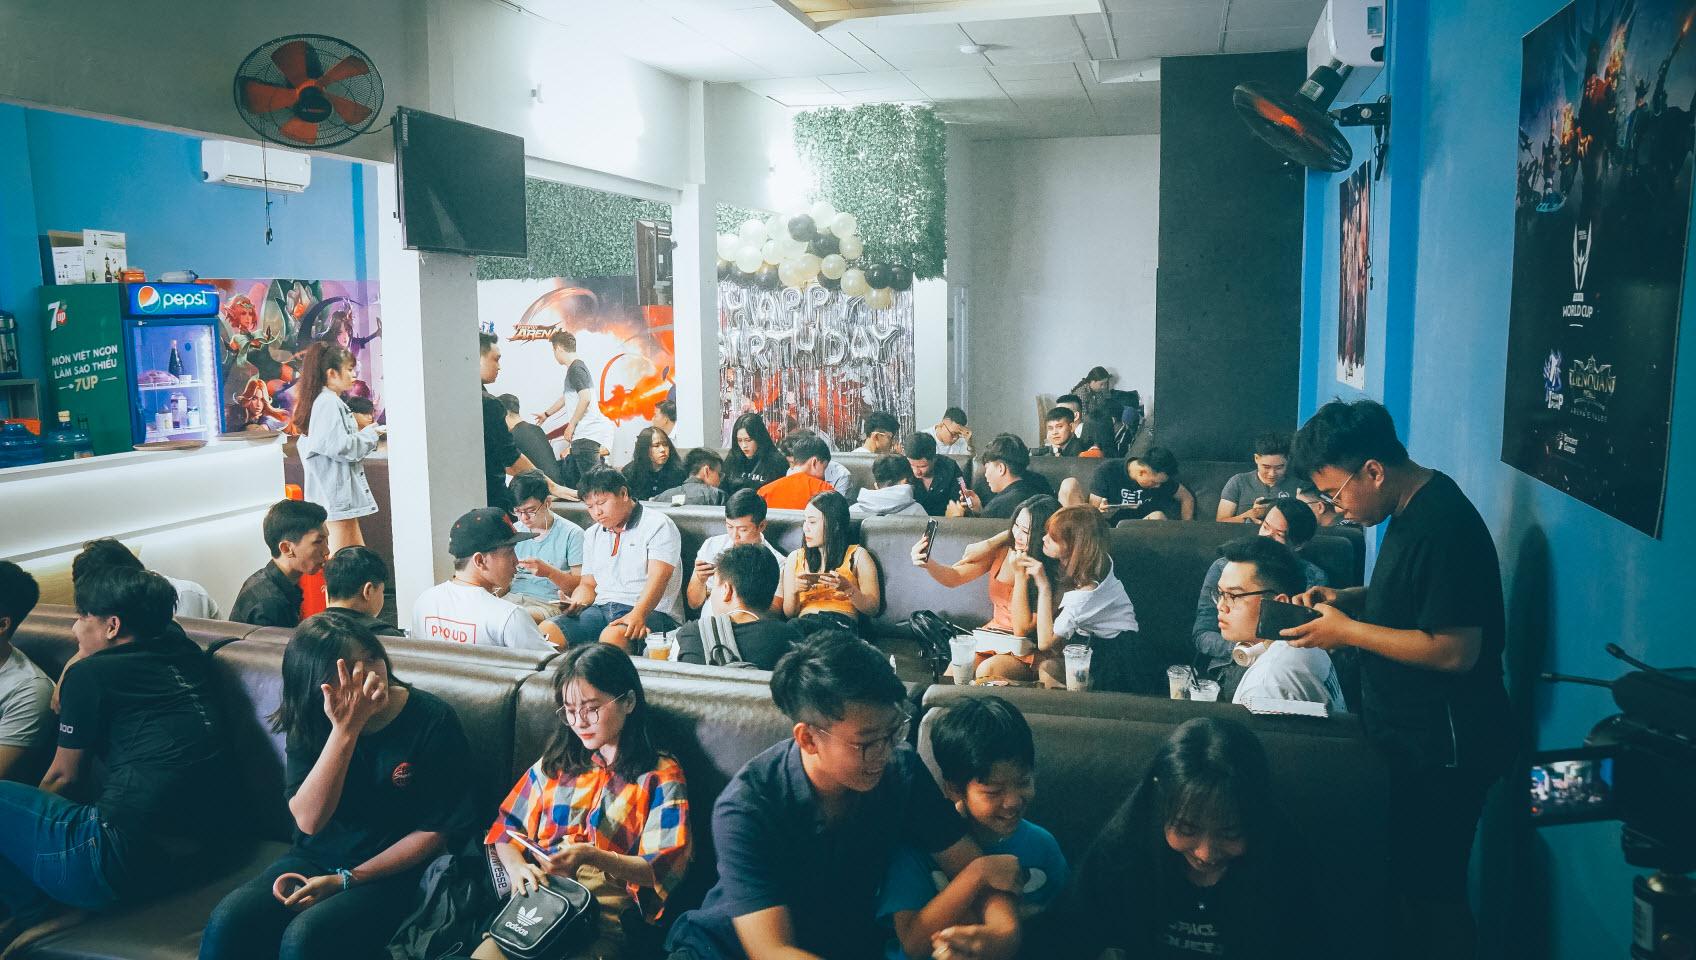 Cộng đồng Rules of Survival tổ chức offline mừng sinh nhật tại Hồ Chí Minh 5